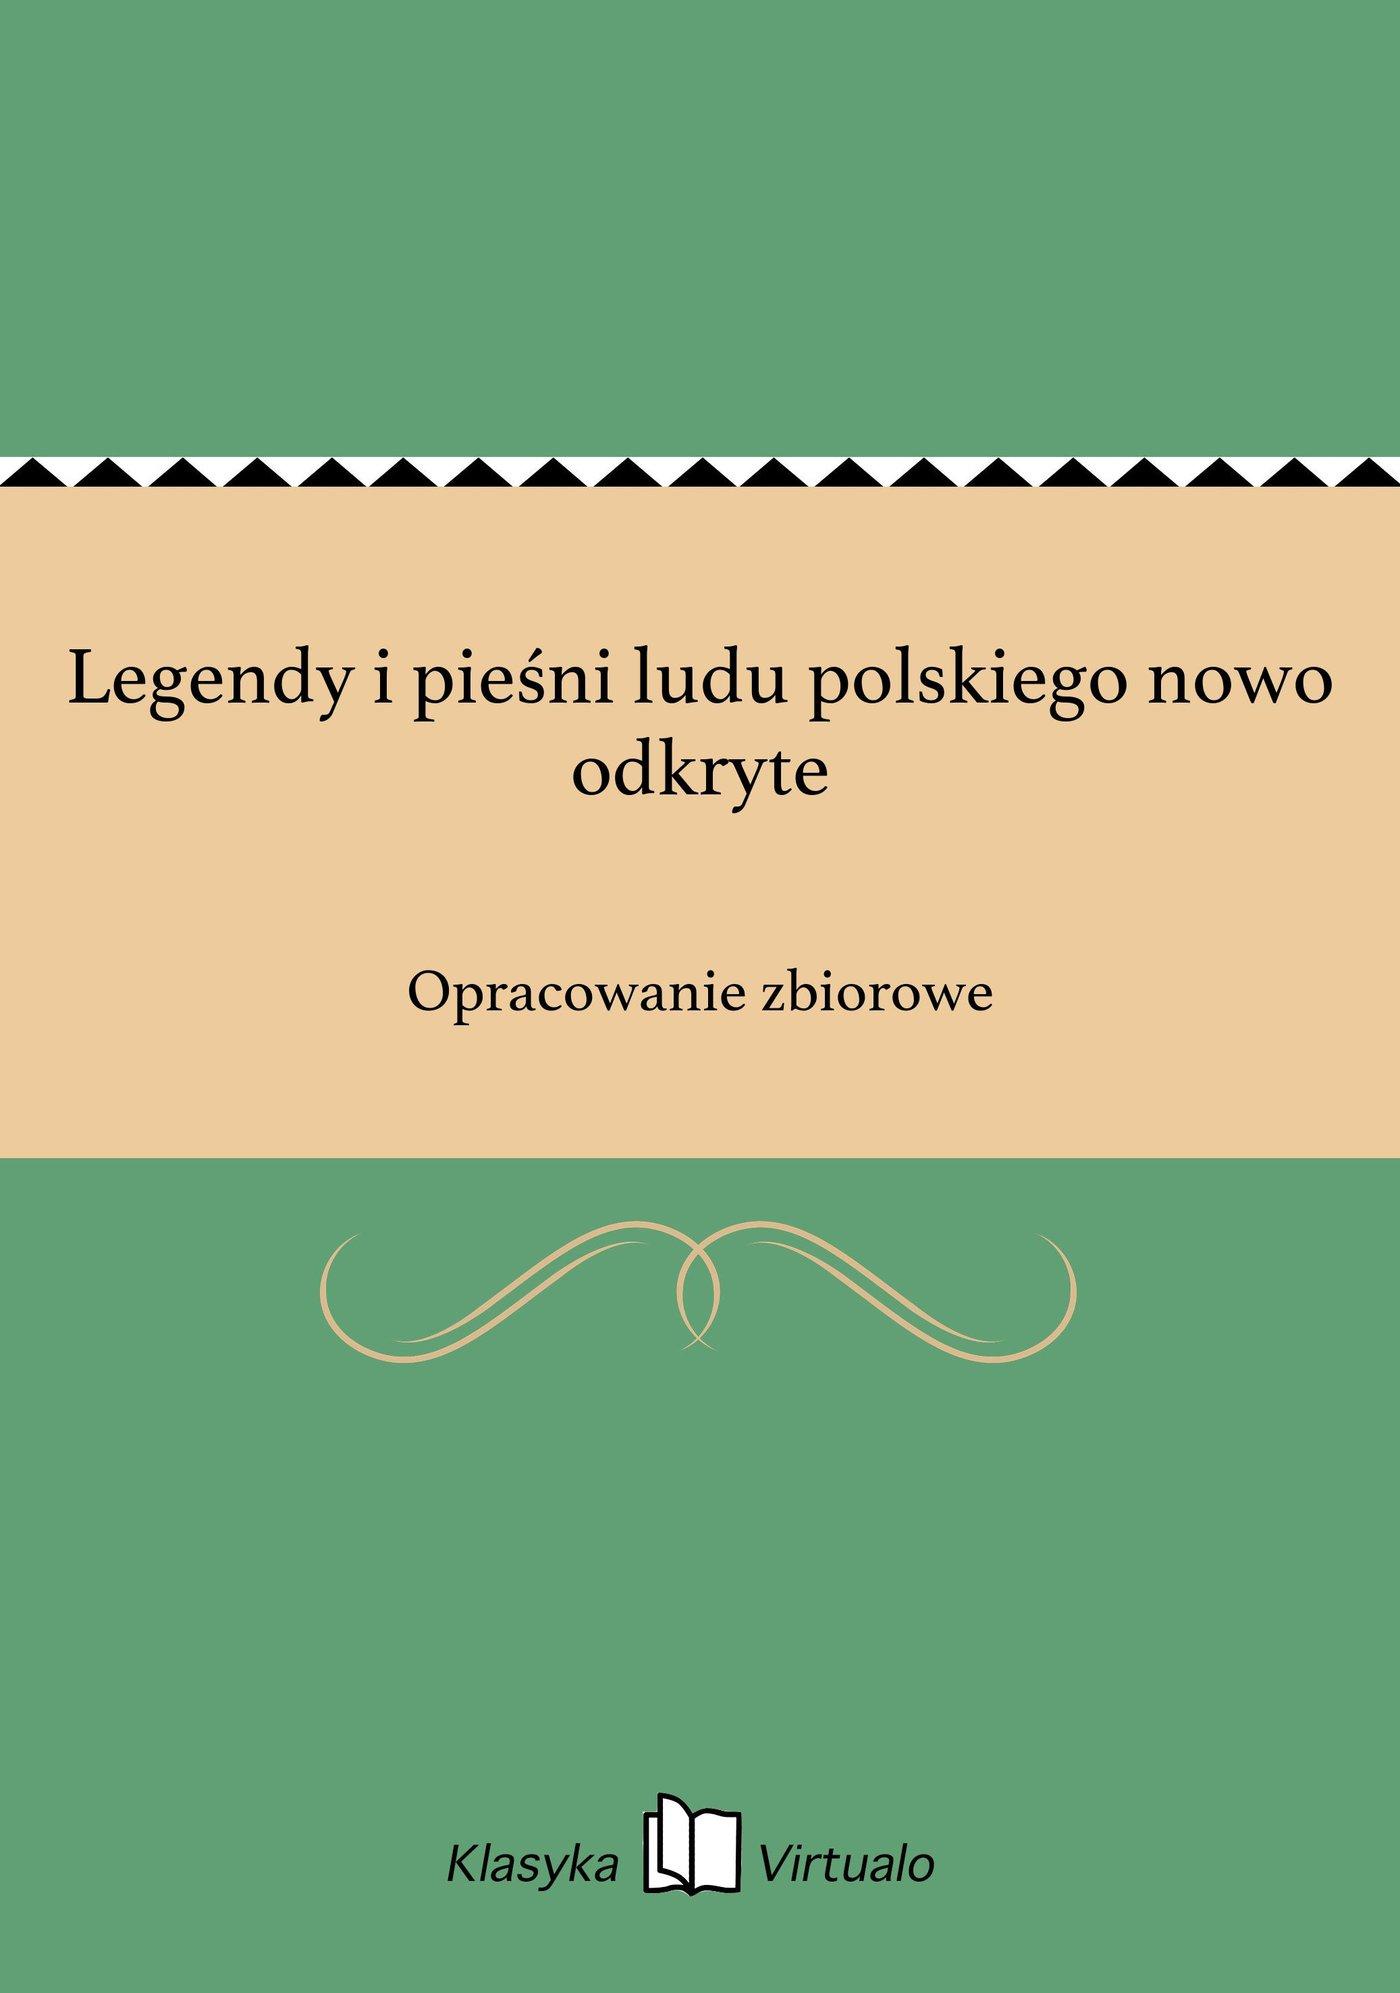 Legendy i pieśni ludu polskiego nowo odkryte - Ebook (Książka EPUB) do pobrania w formacie EPUB